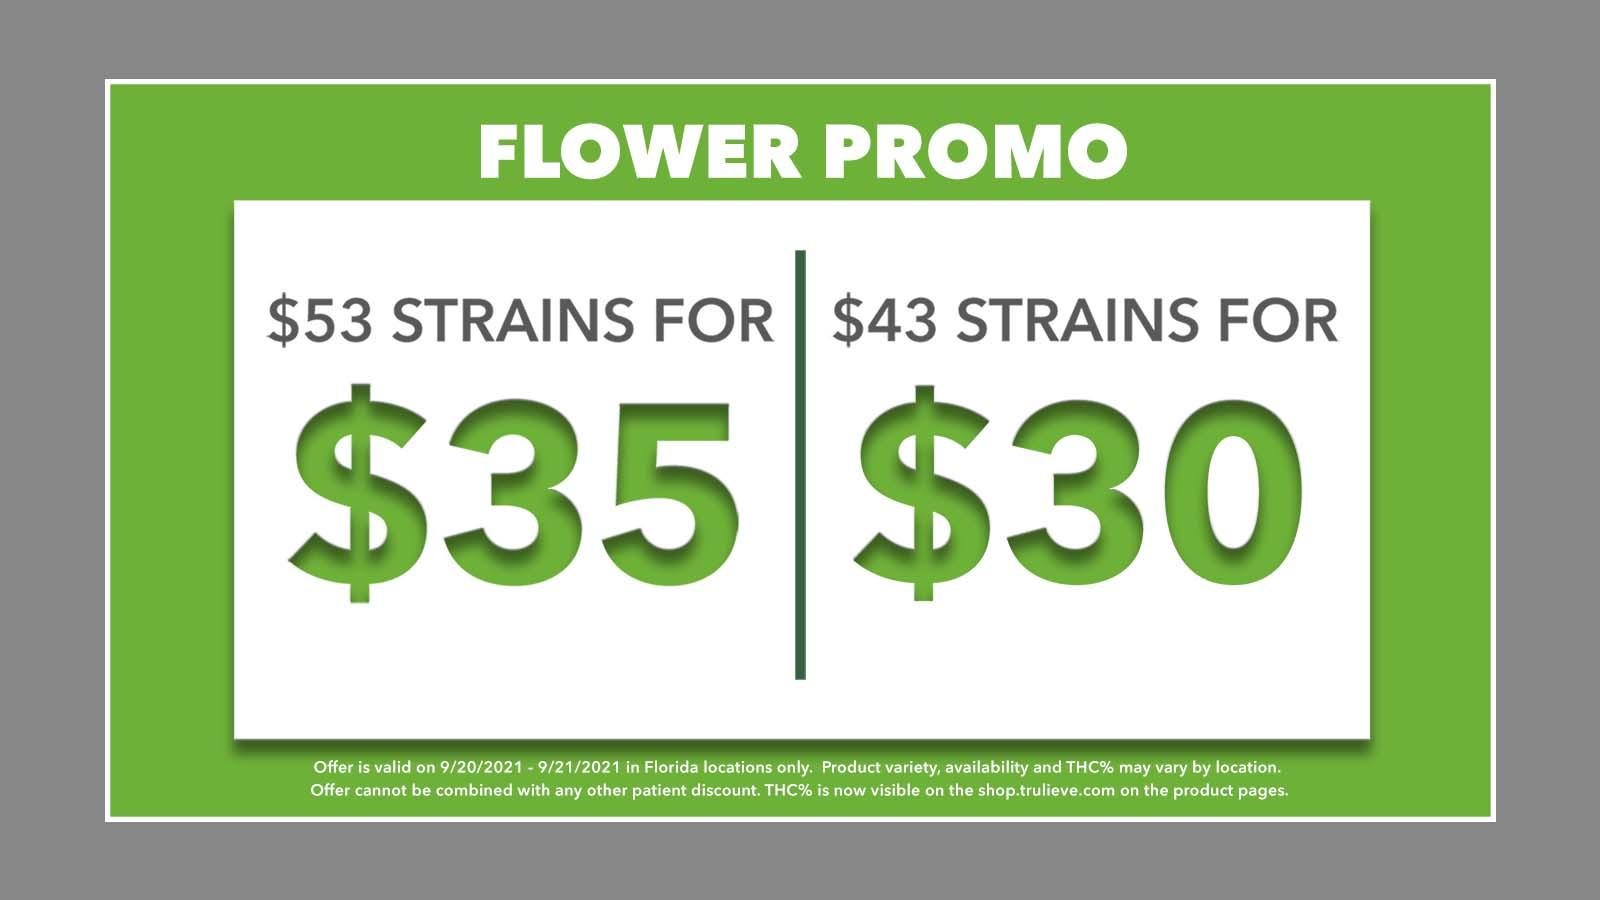 09.20 - 09.21 Flower Promo